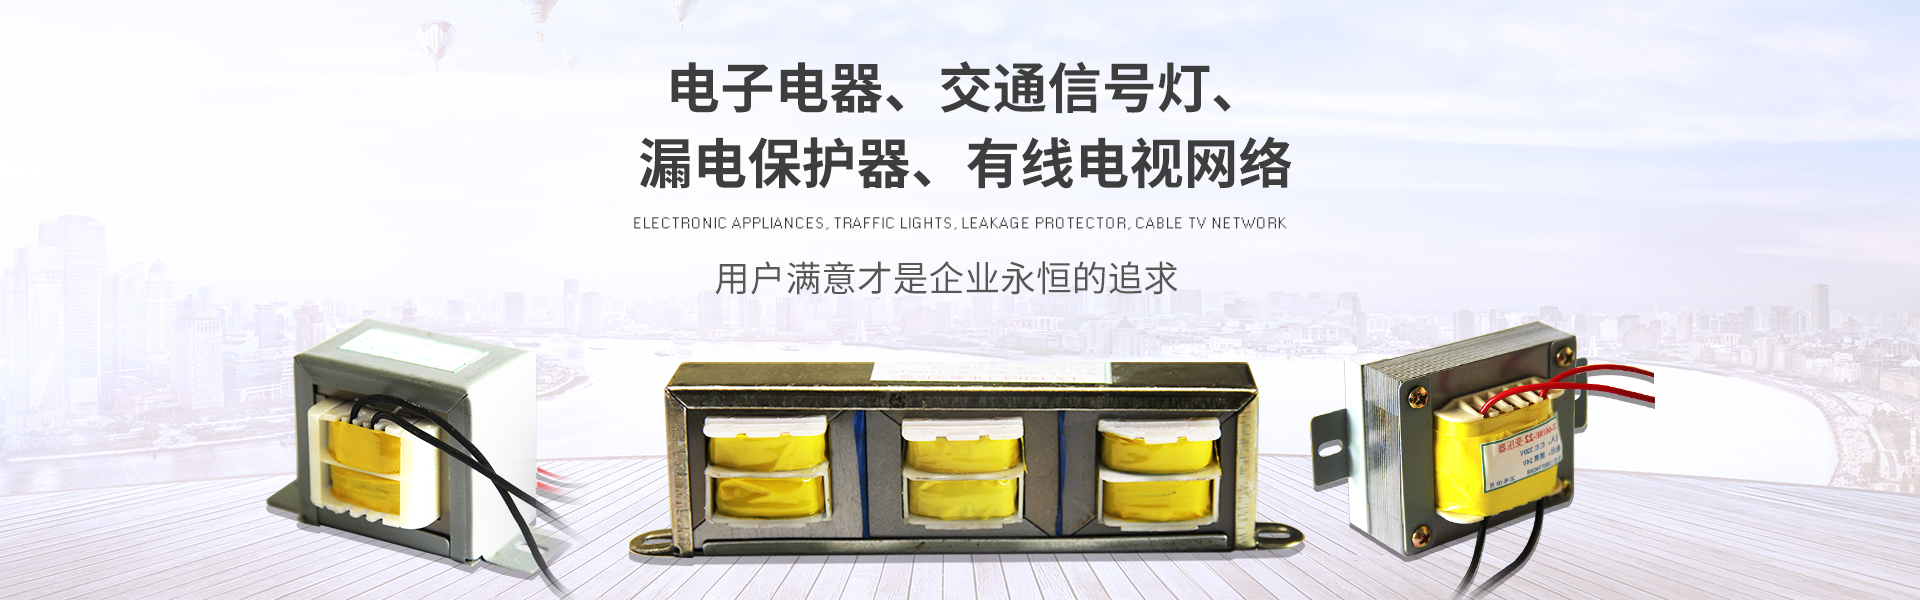 电源变压器厂家,电源变压器价格,电源变压器批发